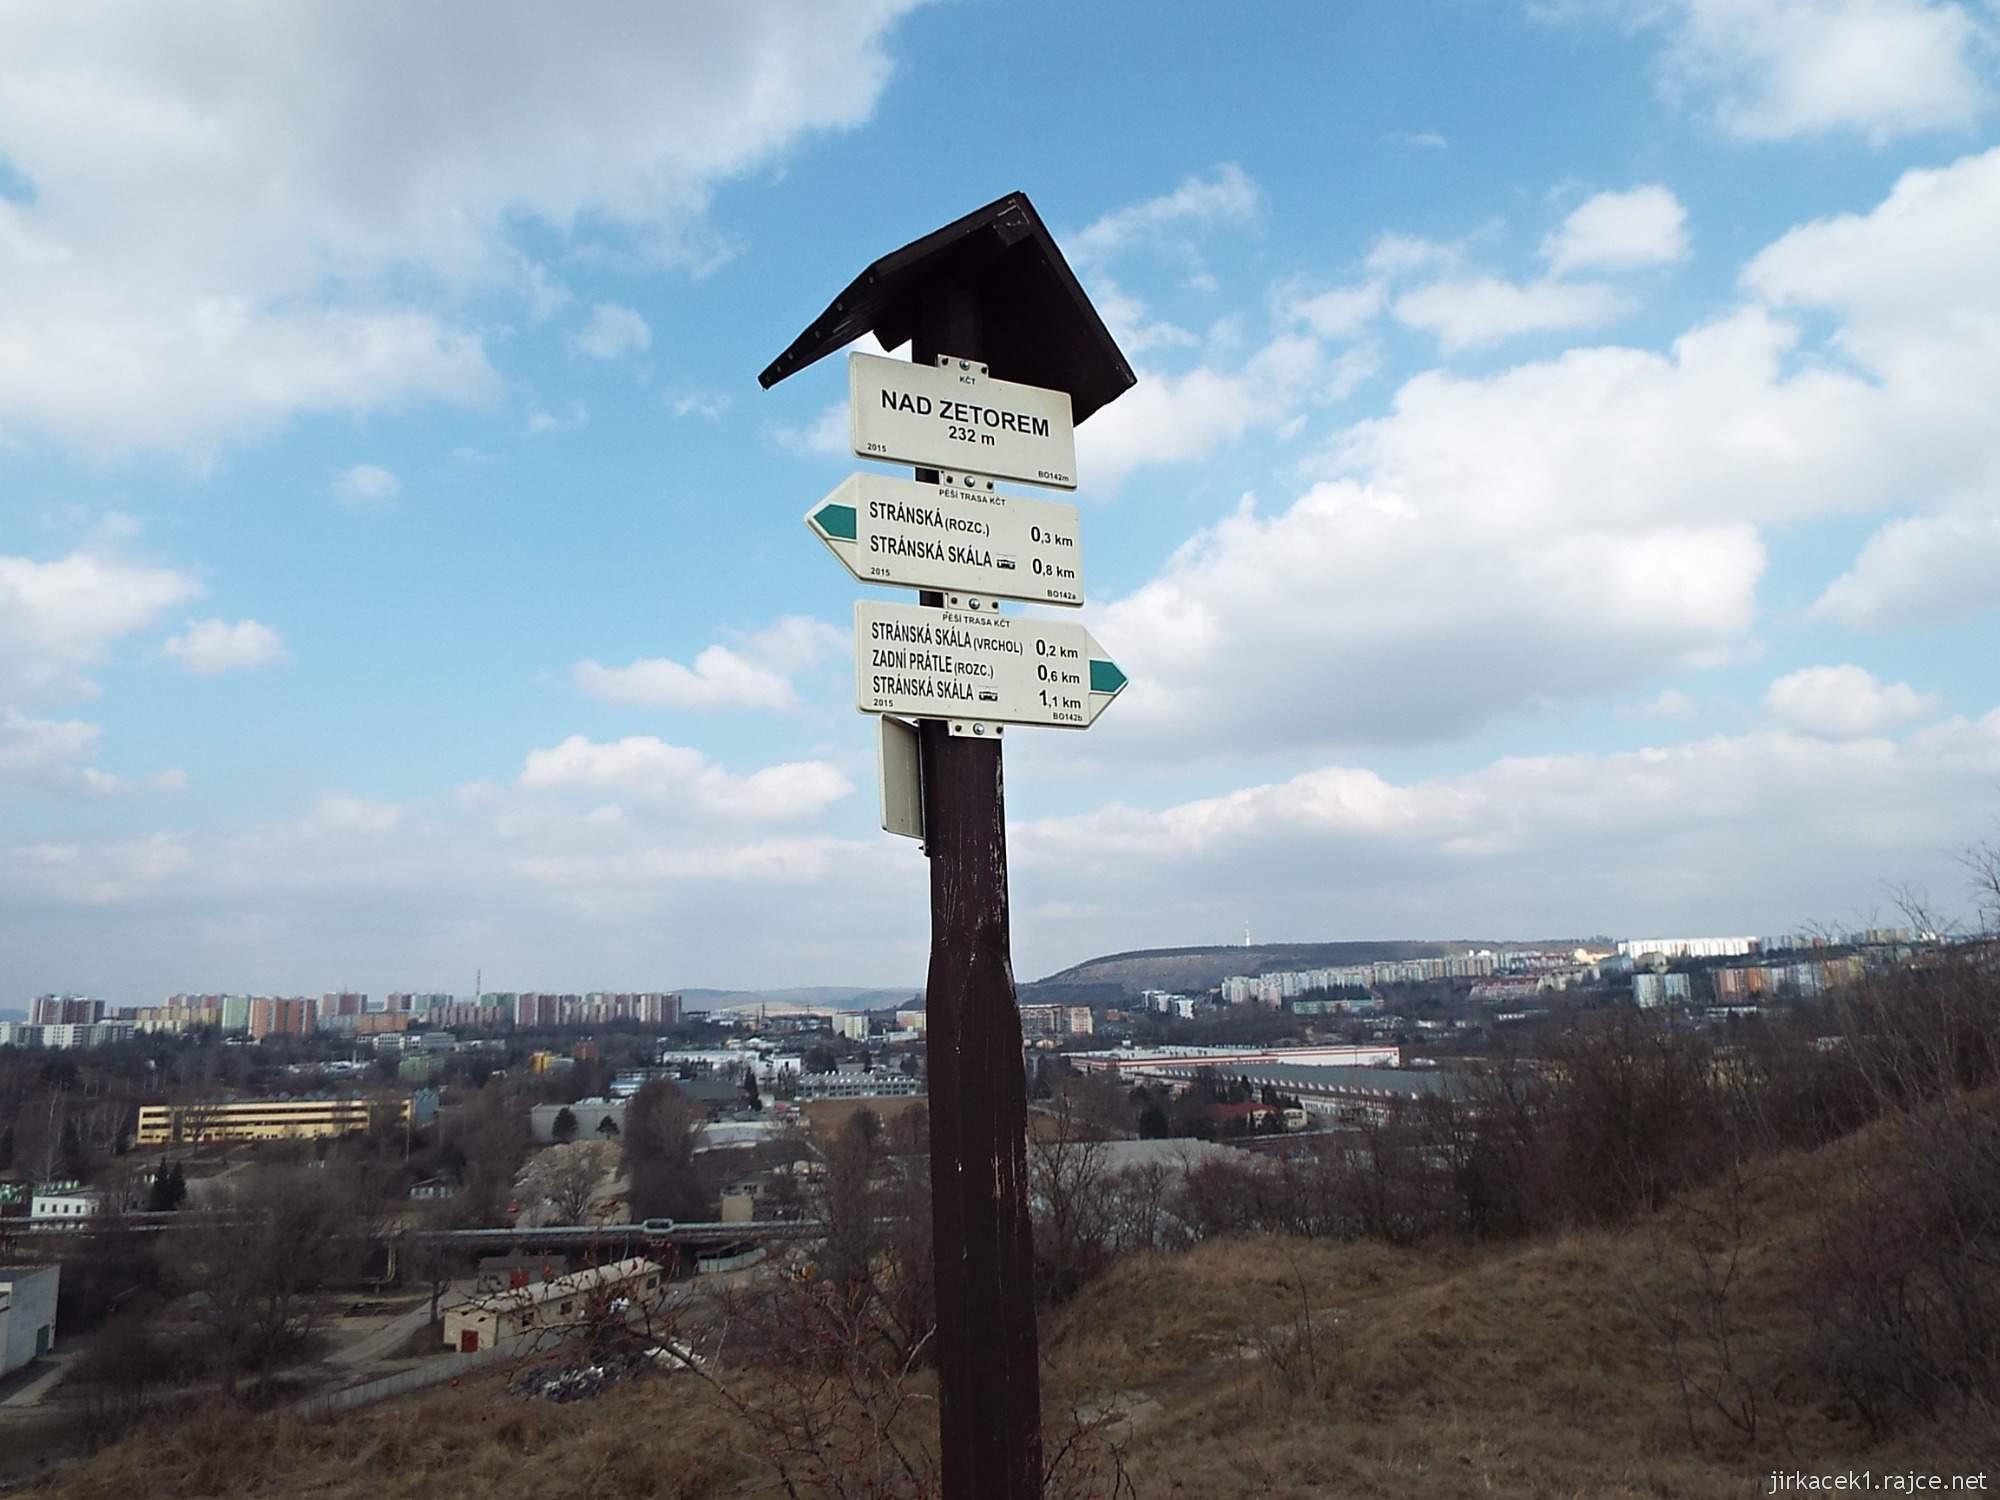 Brno - Stránská skála 10 - cesta z parkoviště na vrchol - výhled na na Zetor